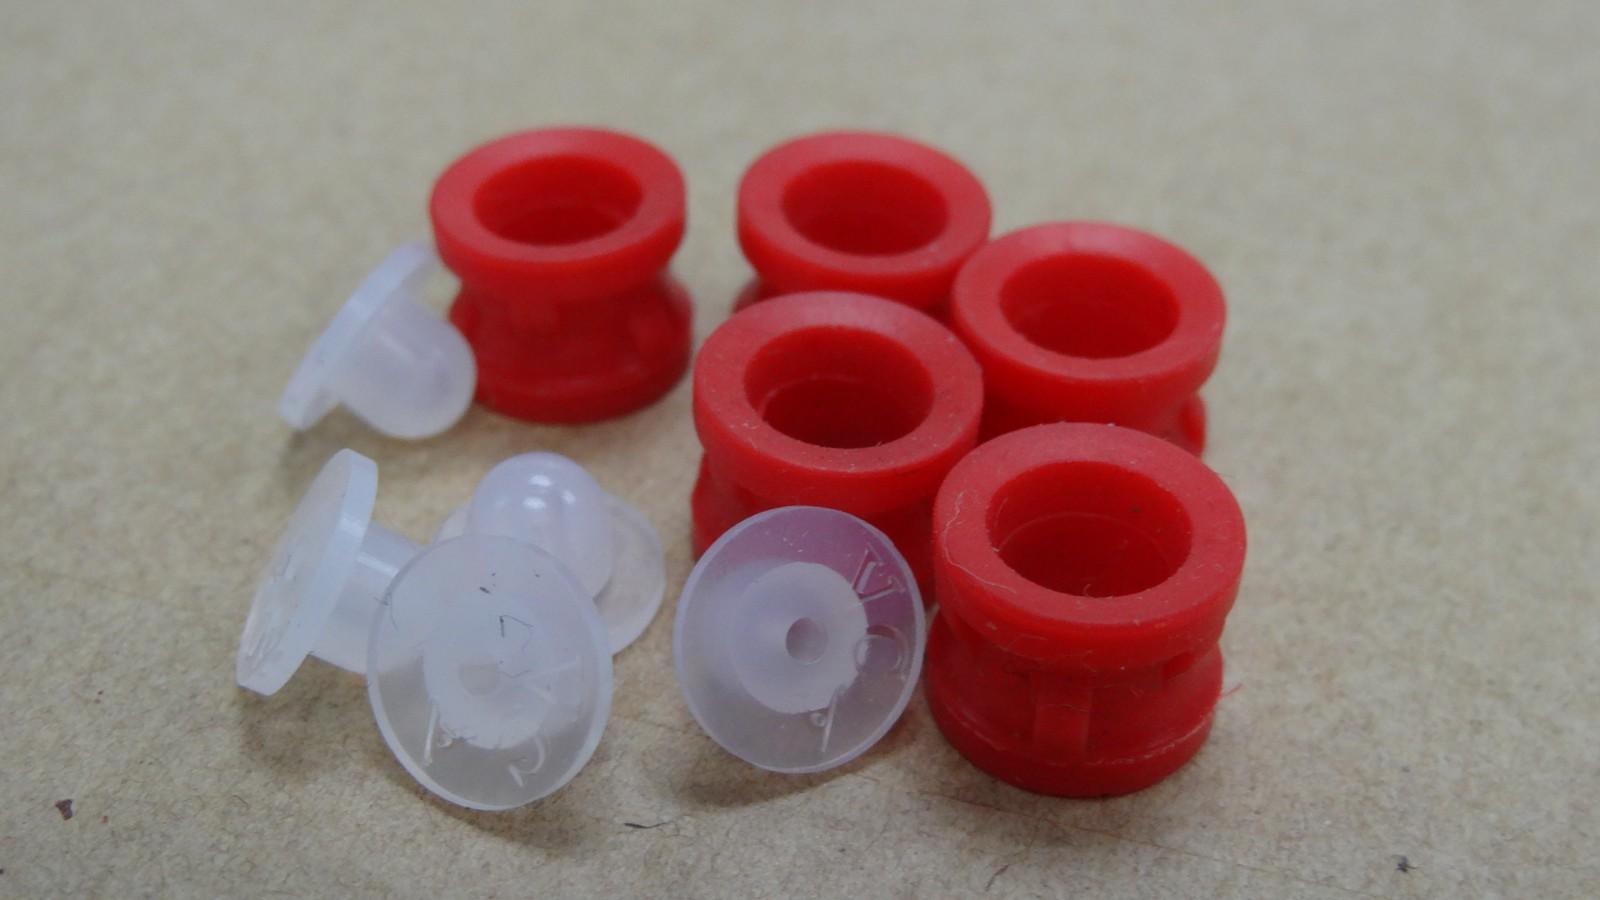 硅胶制品_硅胶模压制品相关-惠州骏腾高分子弹性体制品有限公司